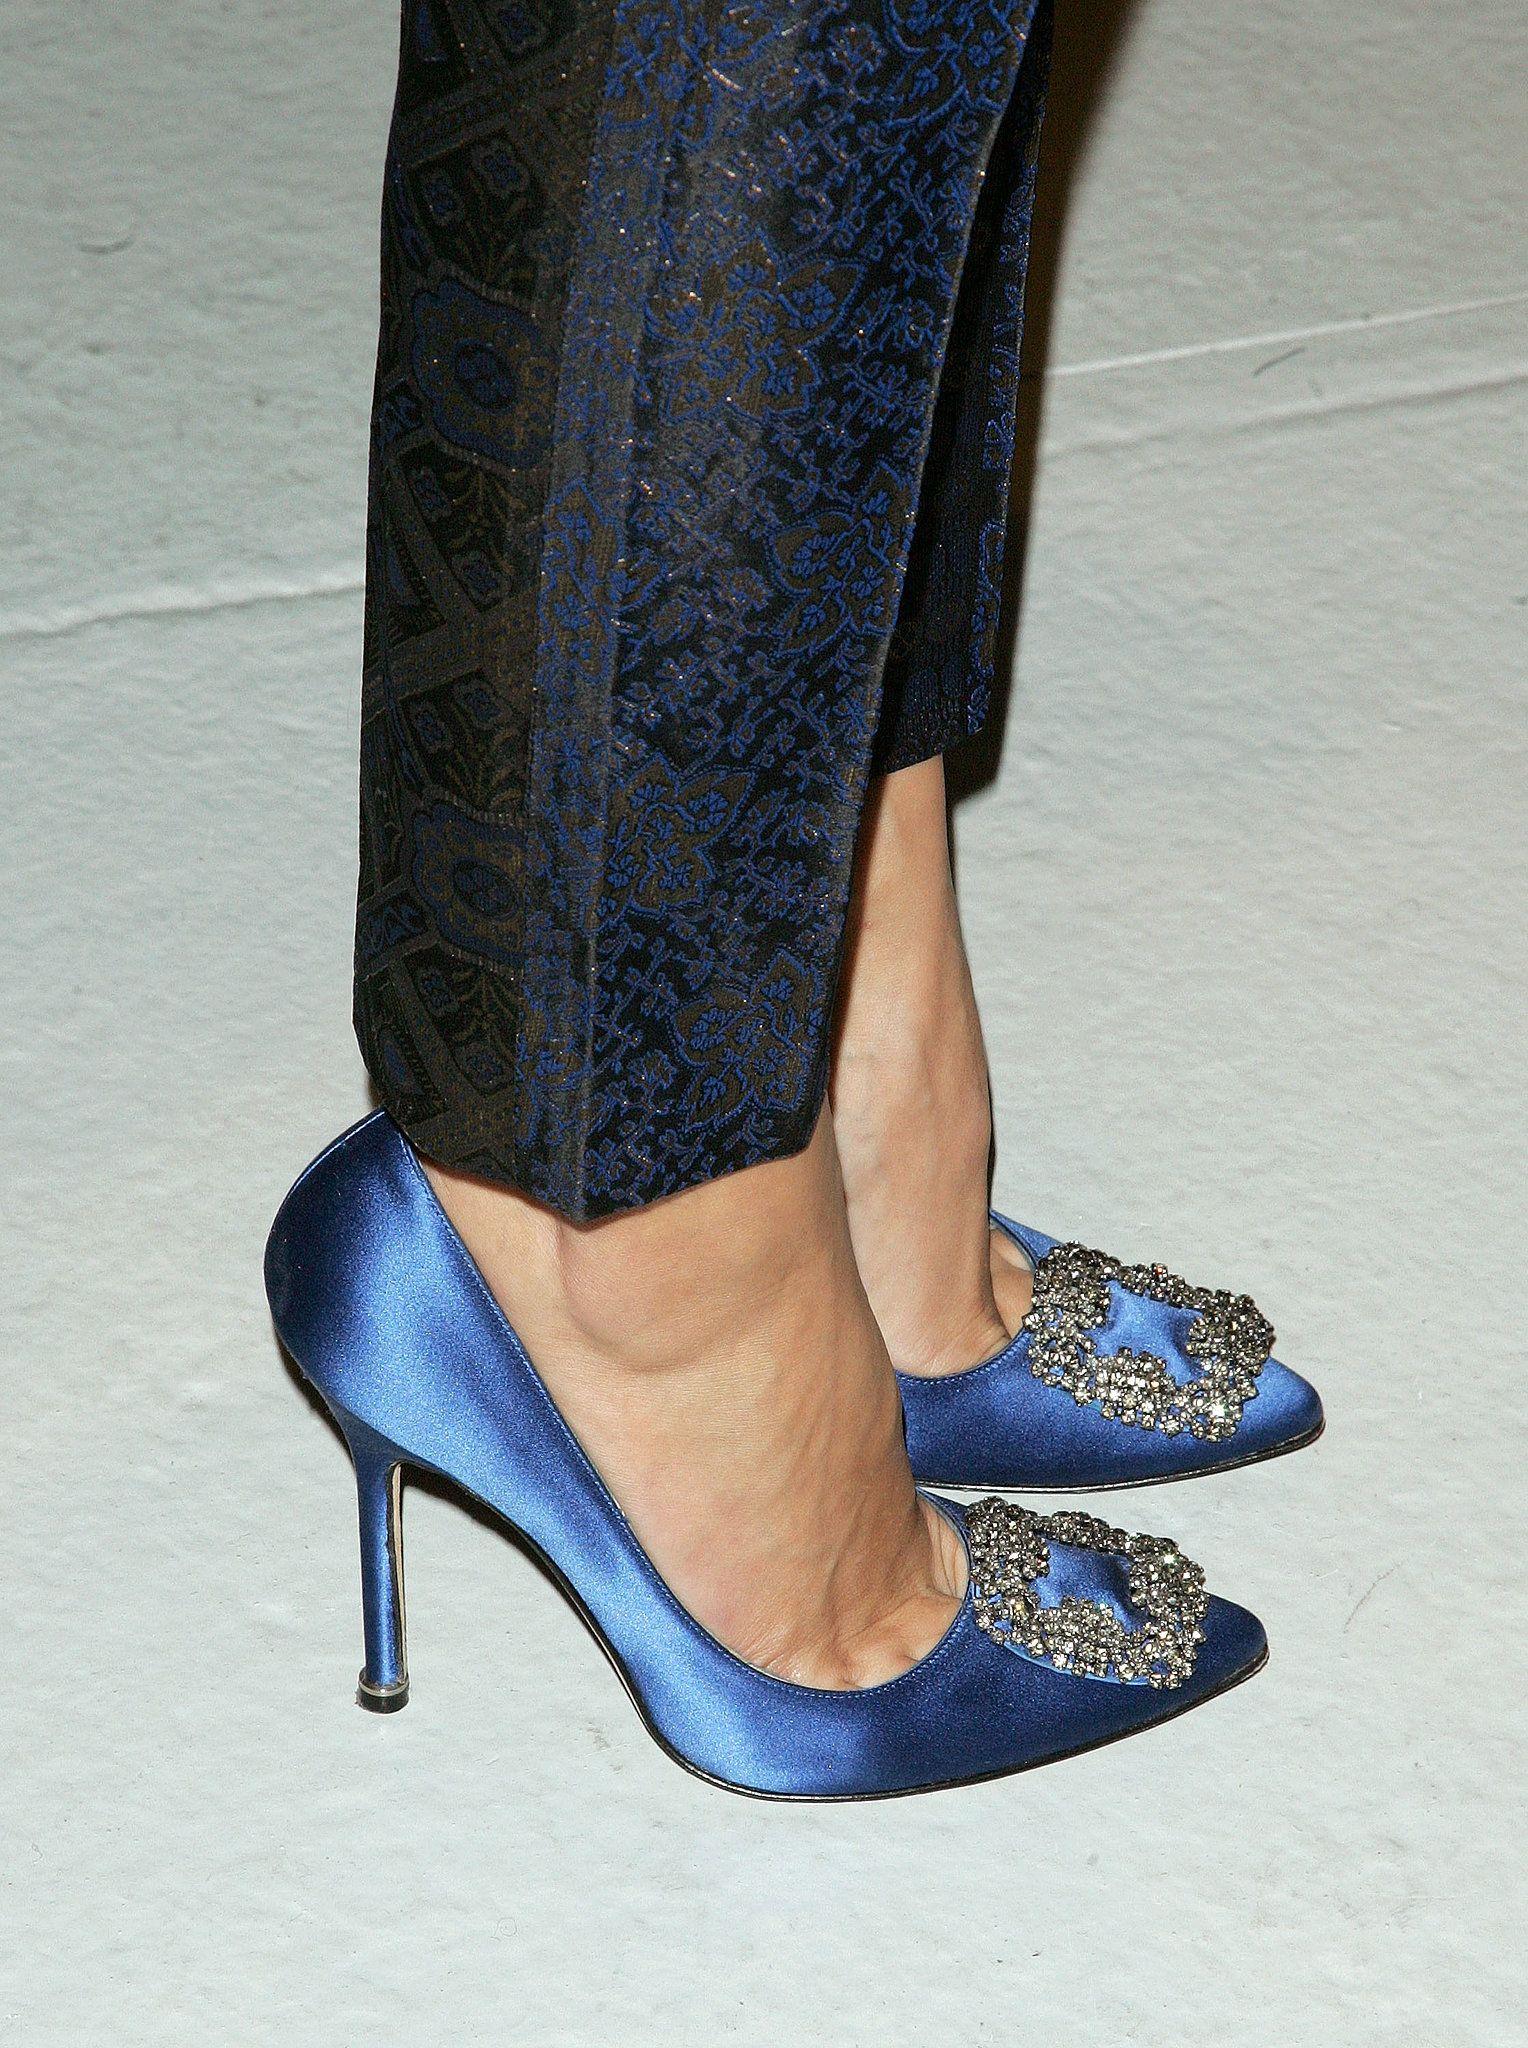 76c1124cafe Olivia Palermo Wedding Shoes